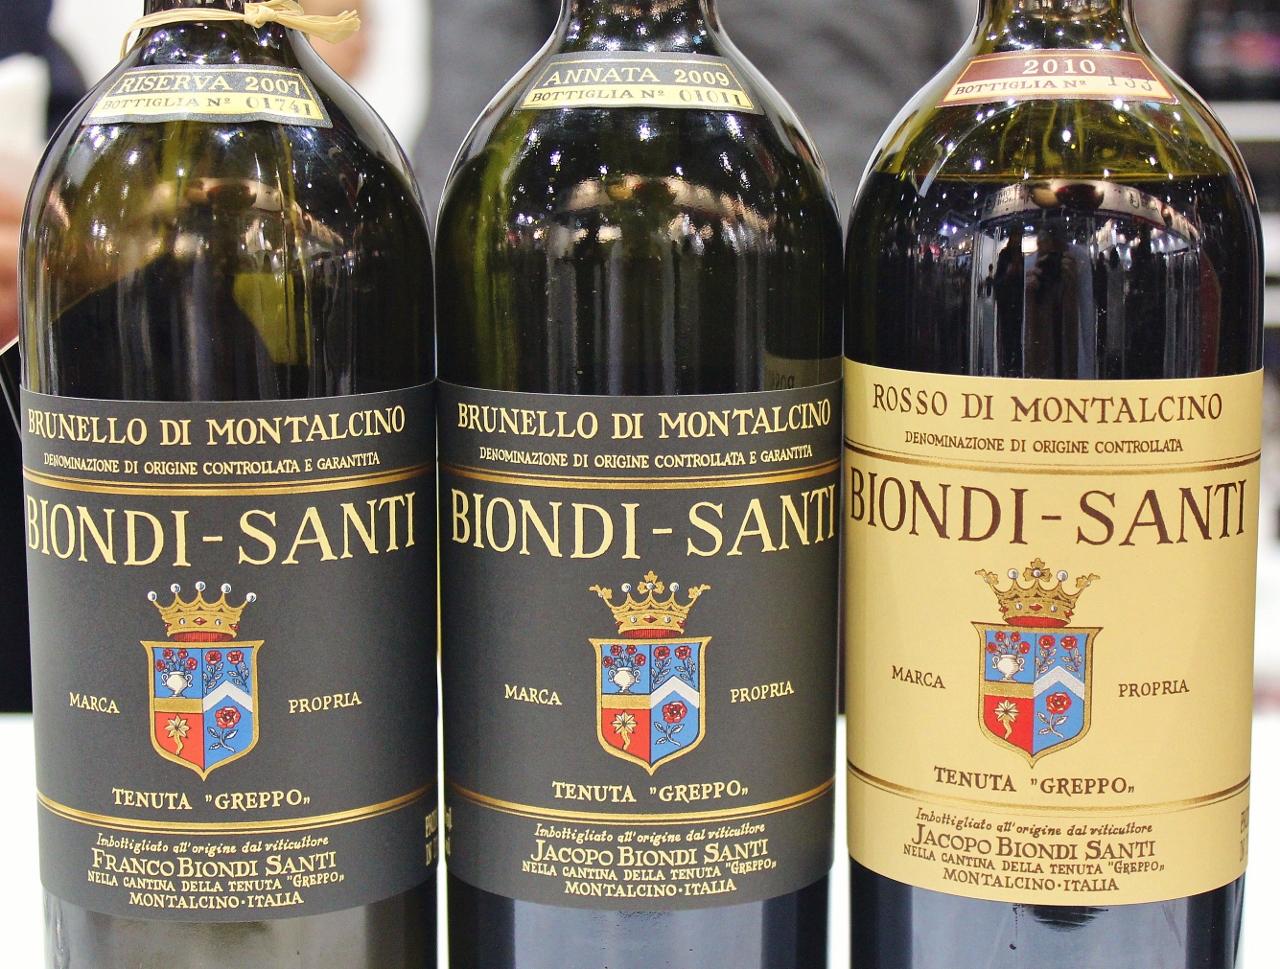 Italien - Biondi-Santi